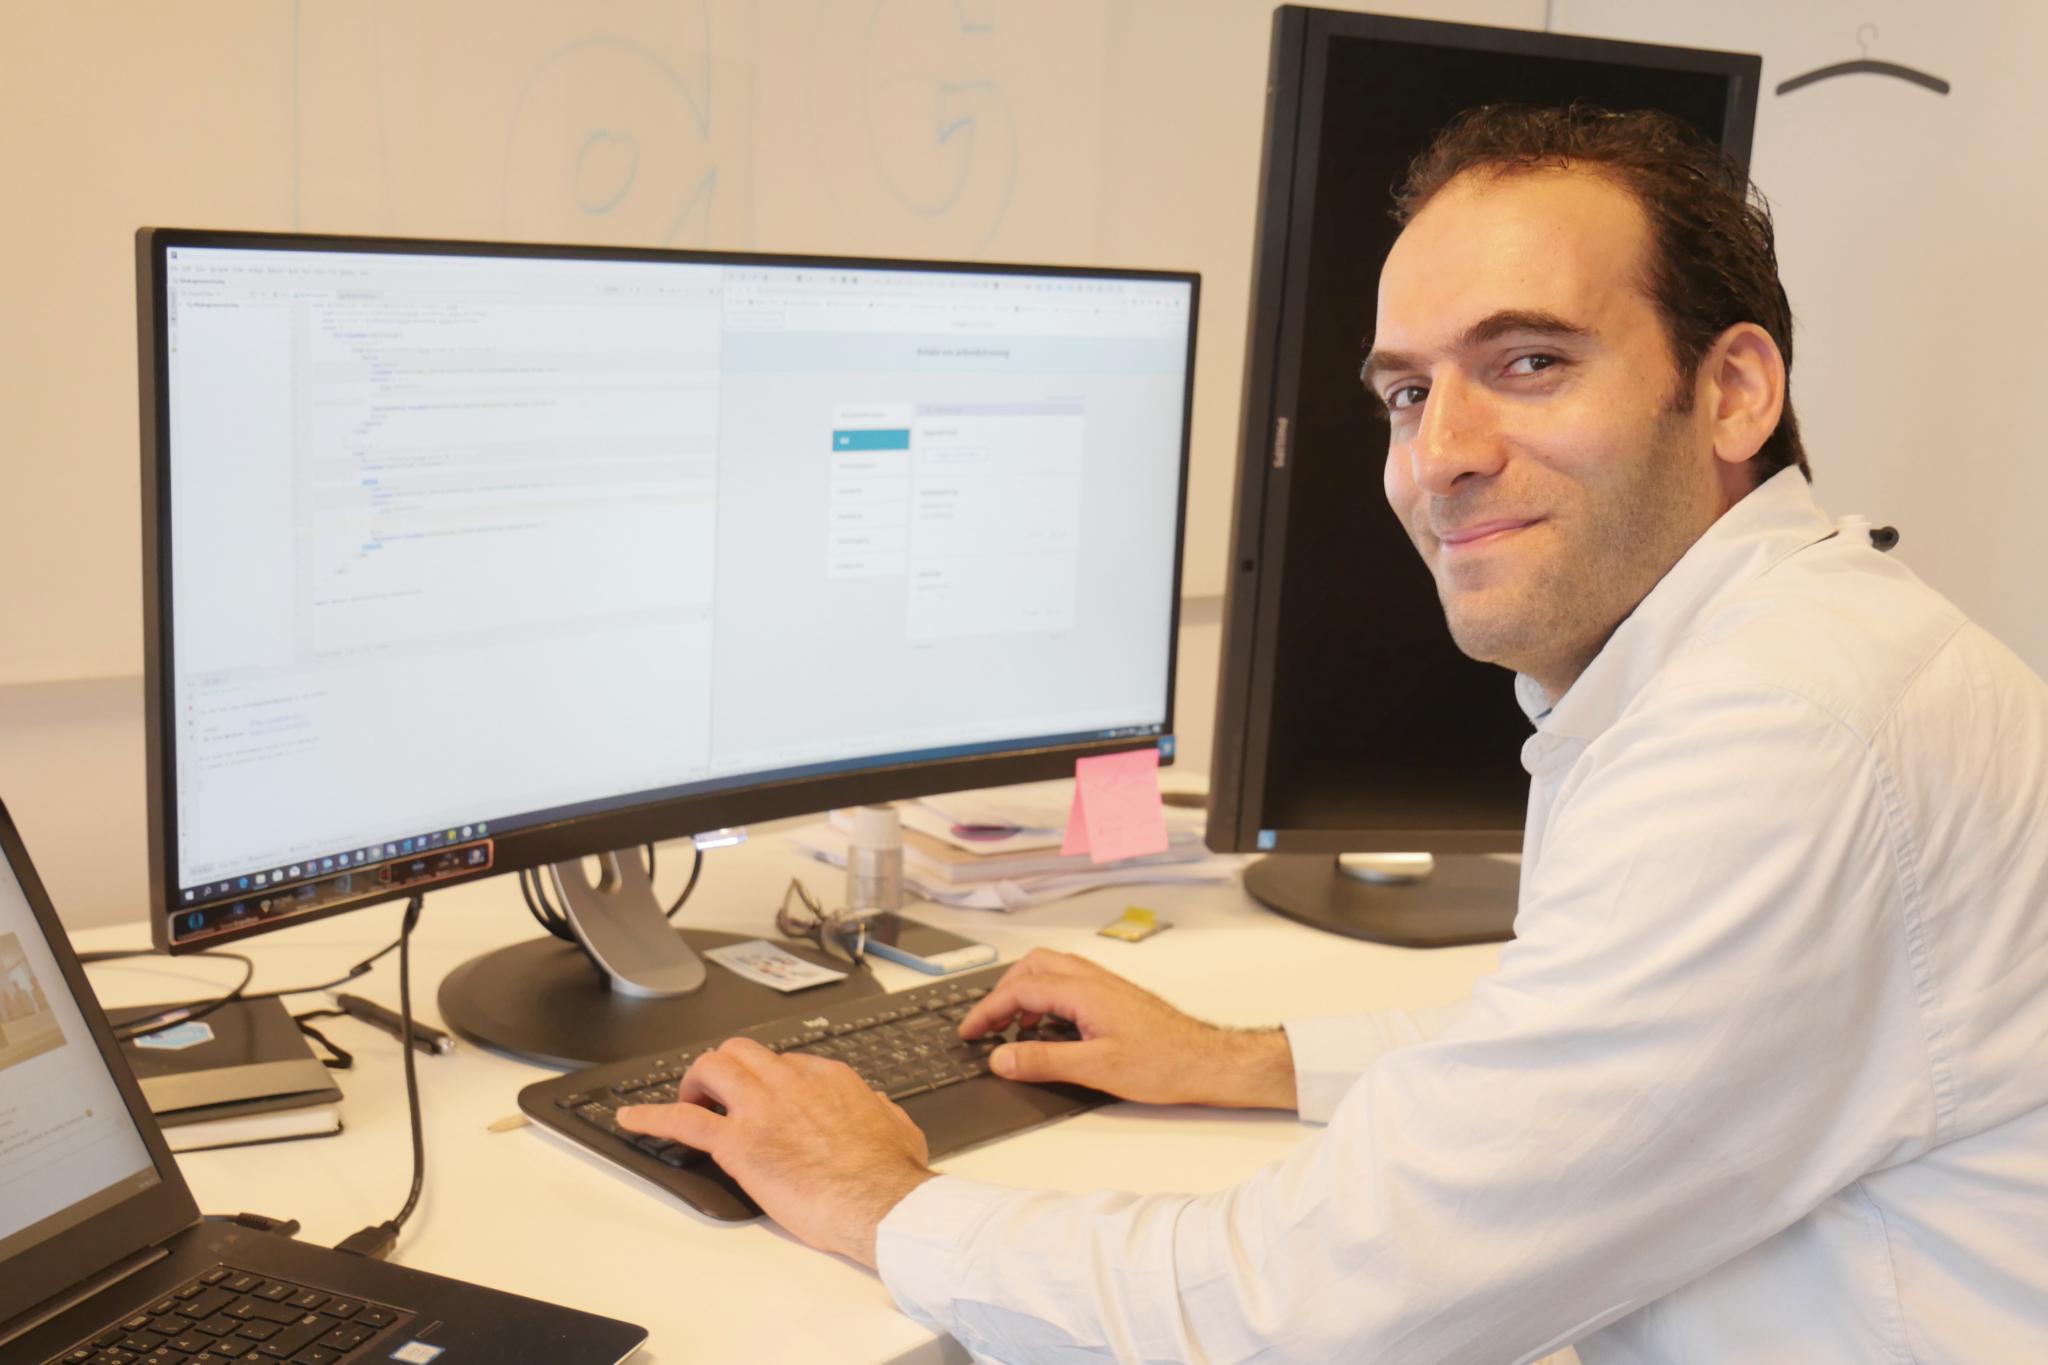 EN JOBB SOM PASSER: Dataingeniøren Malaz Alkoj fra Syria jobber med utvikling av digitale søknader om NAV-tiltak, blant annet lønnstilskudd, som han selv mottar.